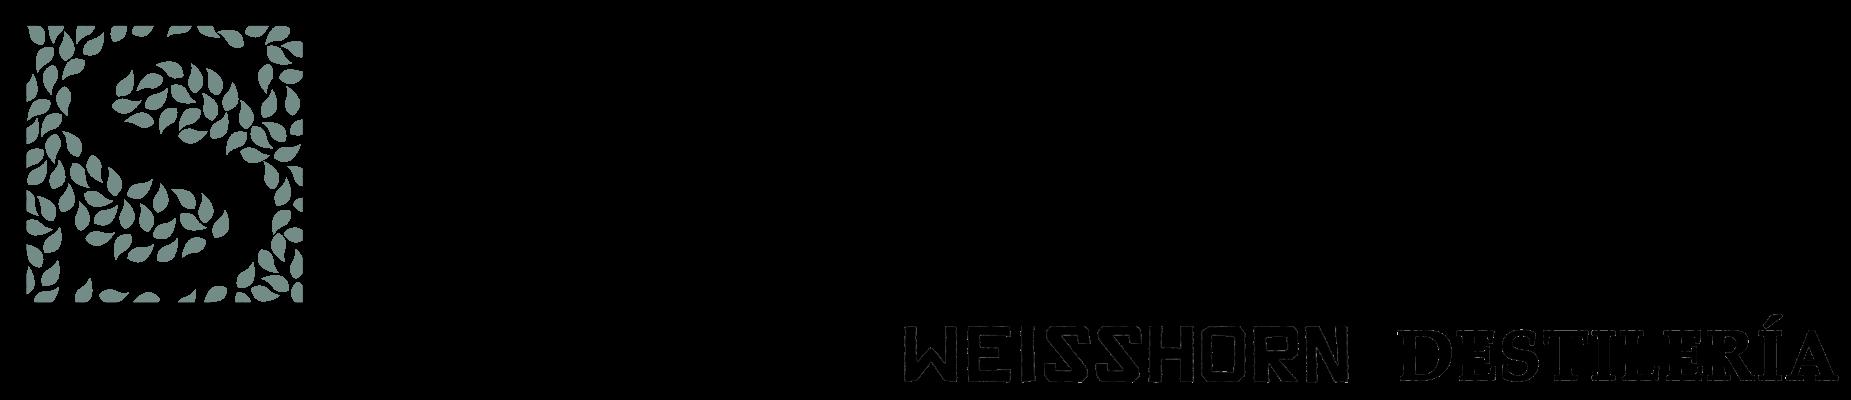 Logo - Spirituosia-Weisshorn Destileria